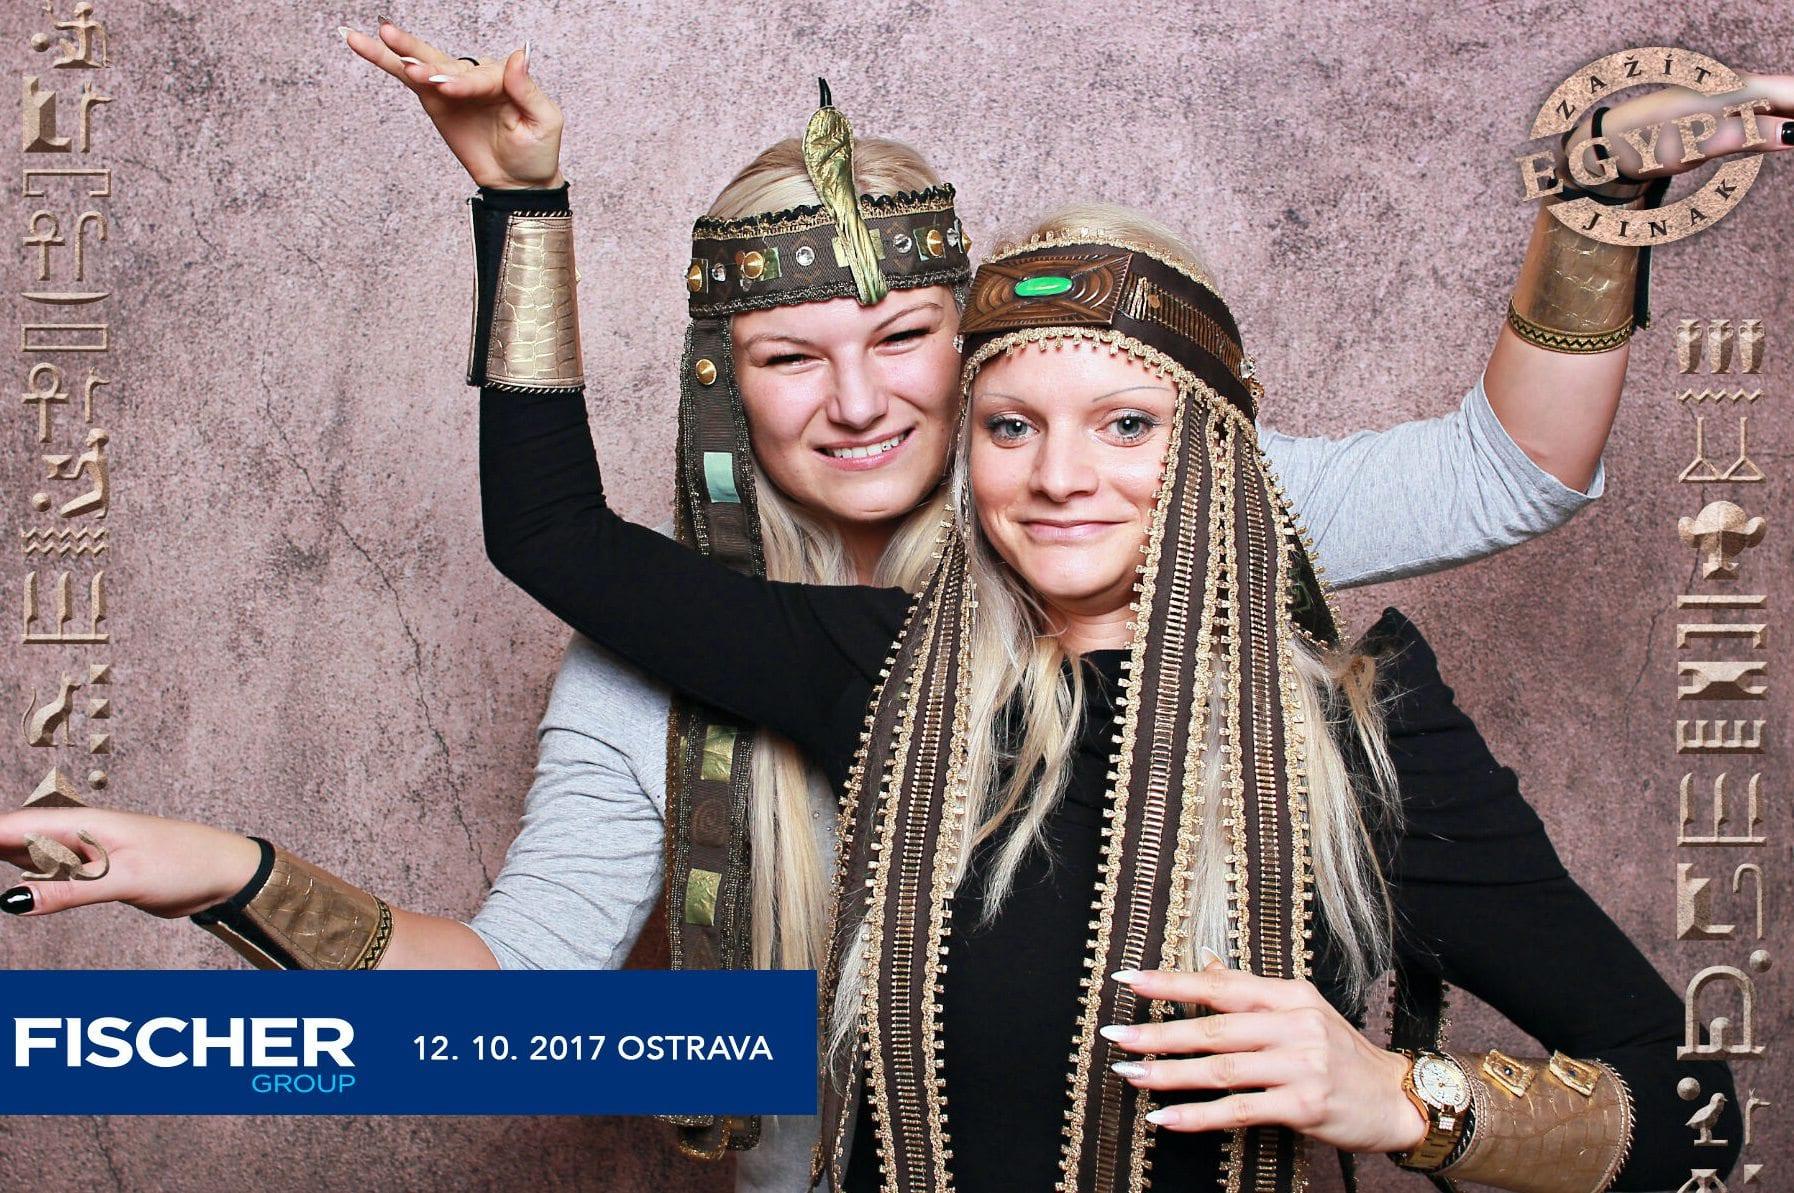 fotokoutek-fischer-ostrava-12-10-2017-324632